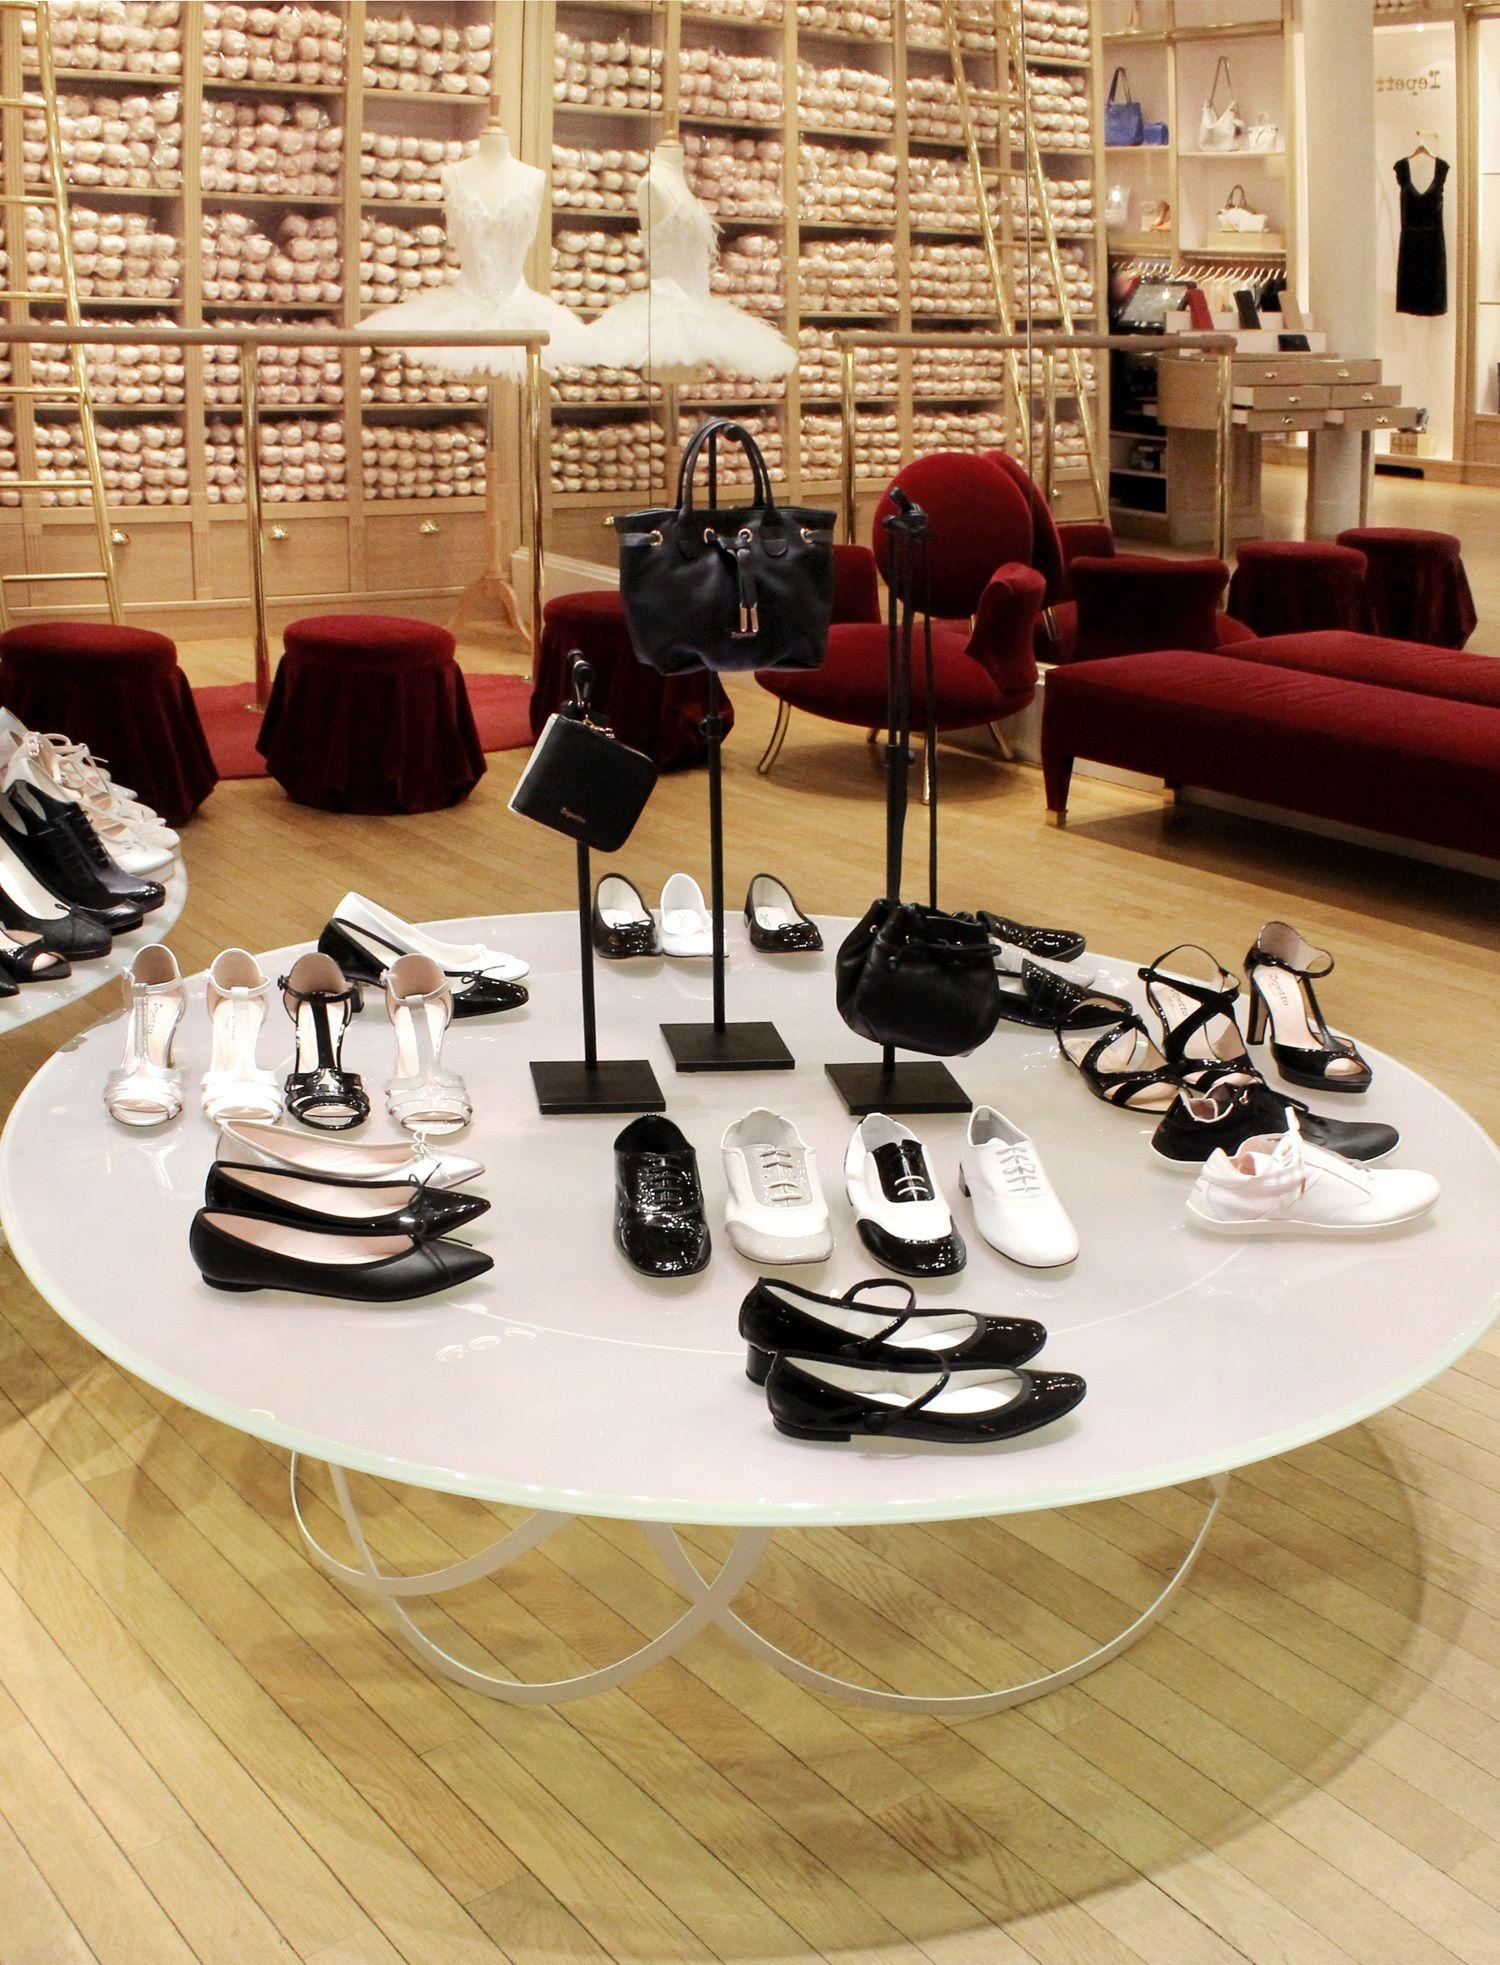 825f6feaf203cf Black & White - Repetto's boutique 22, Rue de la Paix in Paris #Repetto  #RepettoBoutique